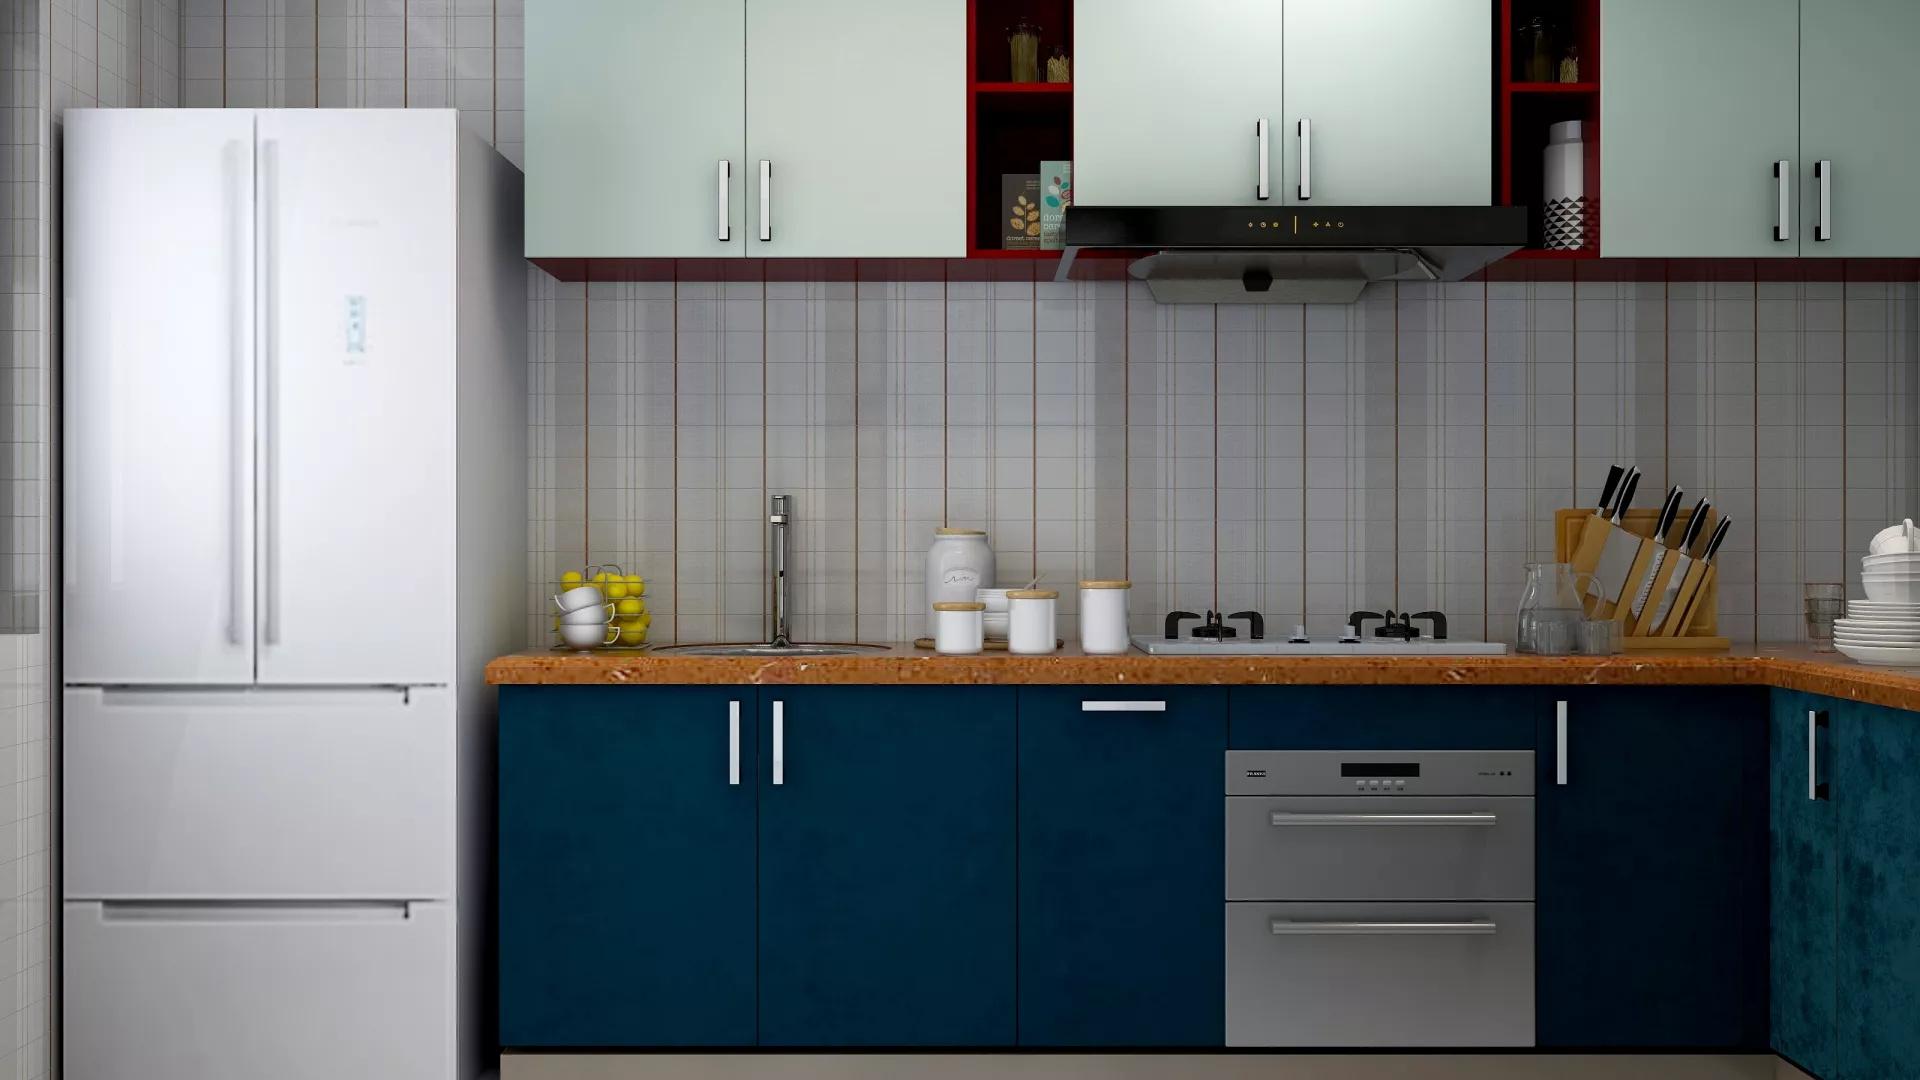 厨房收纳功能如何设计 厨房收纳设计的技巧